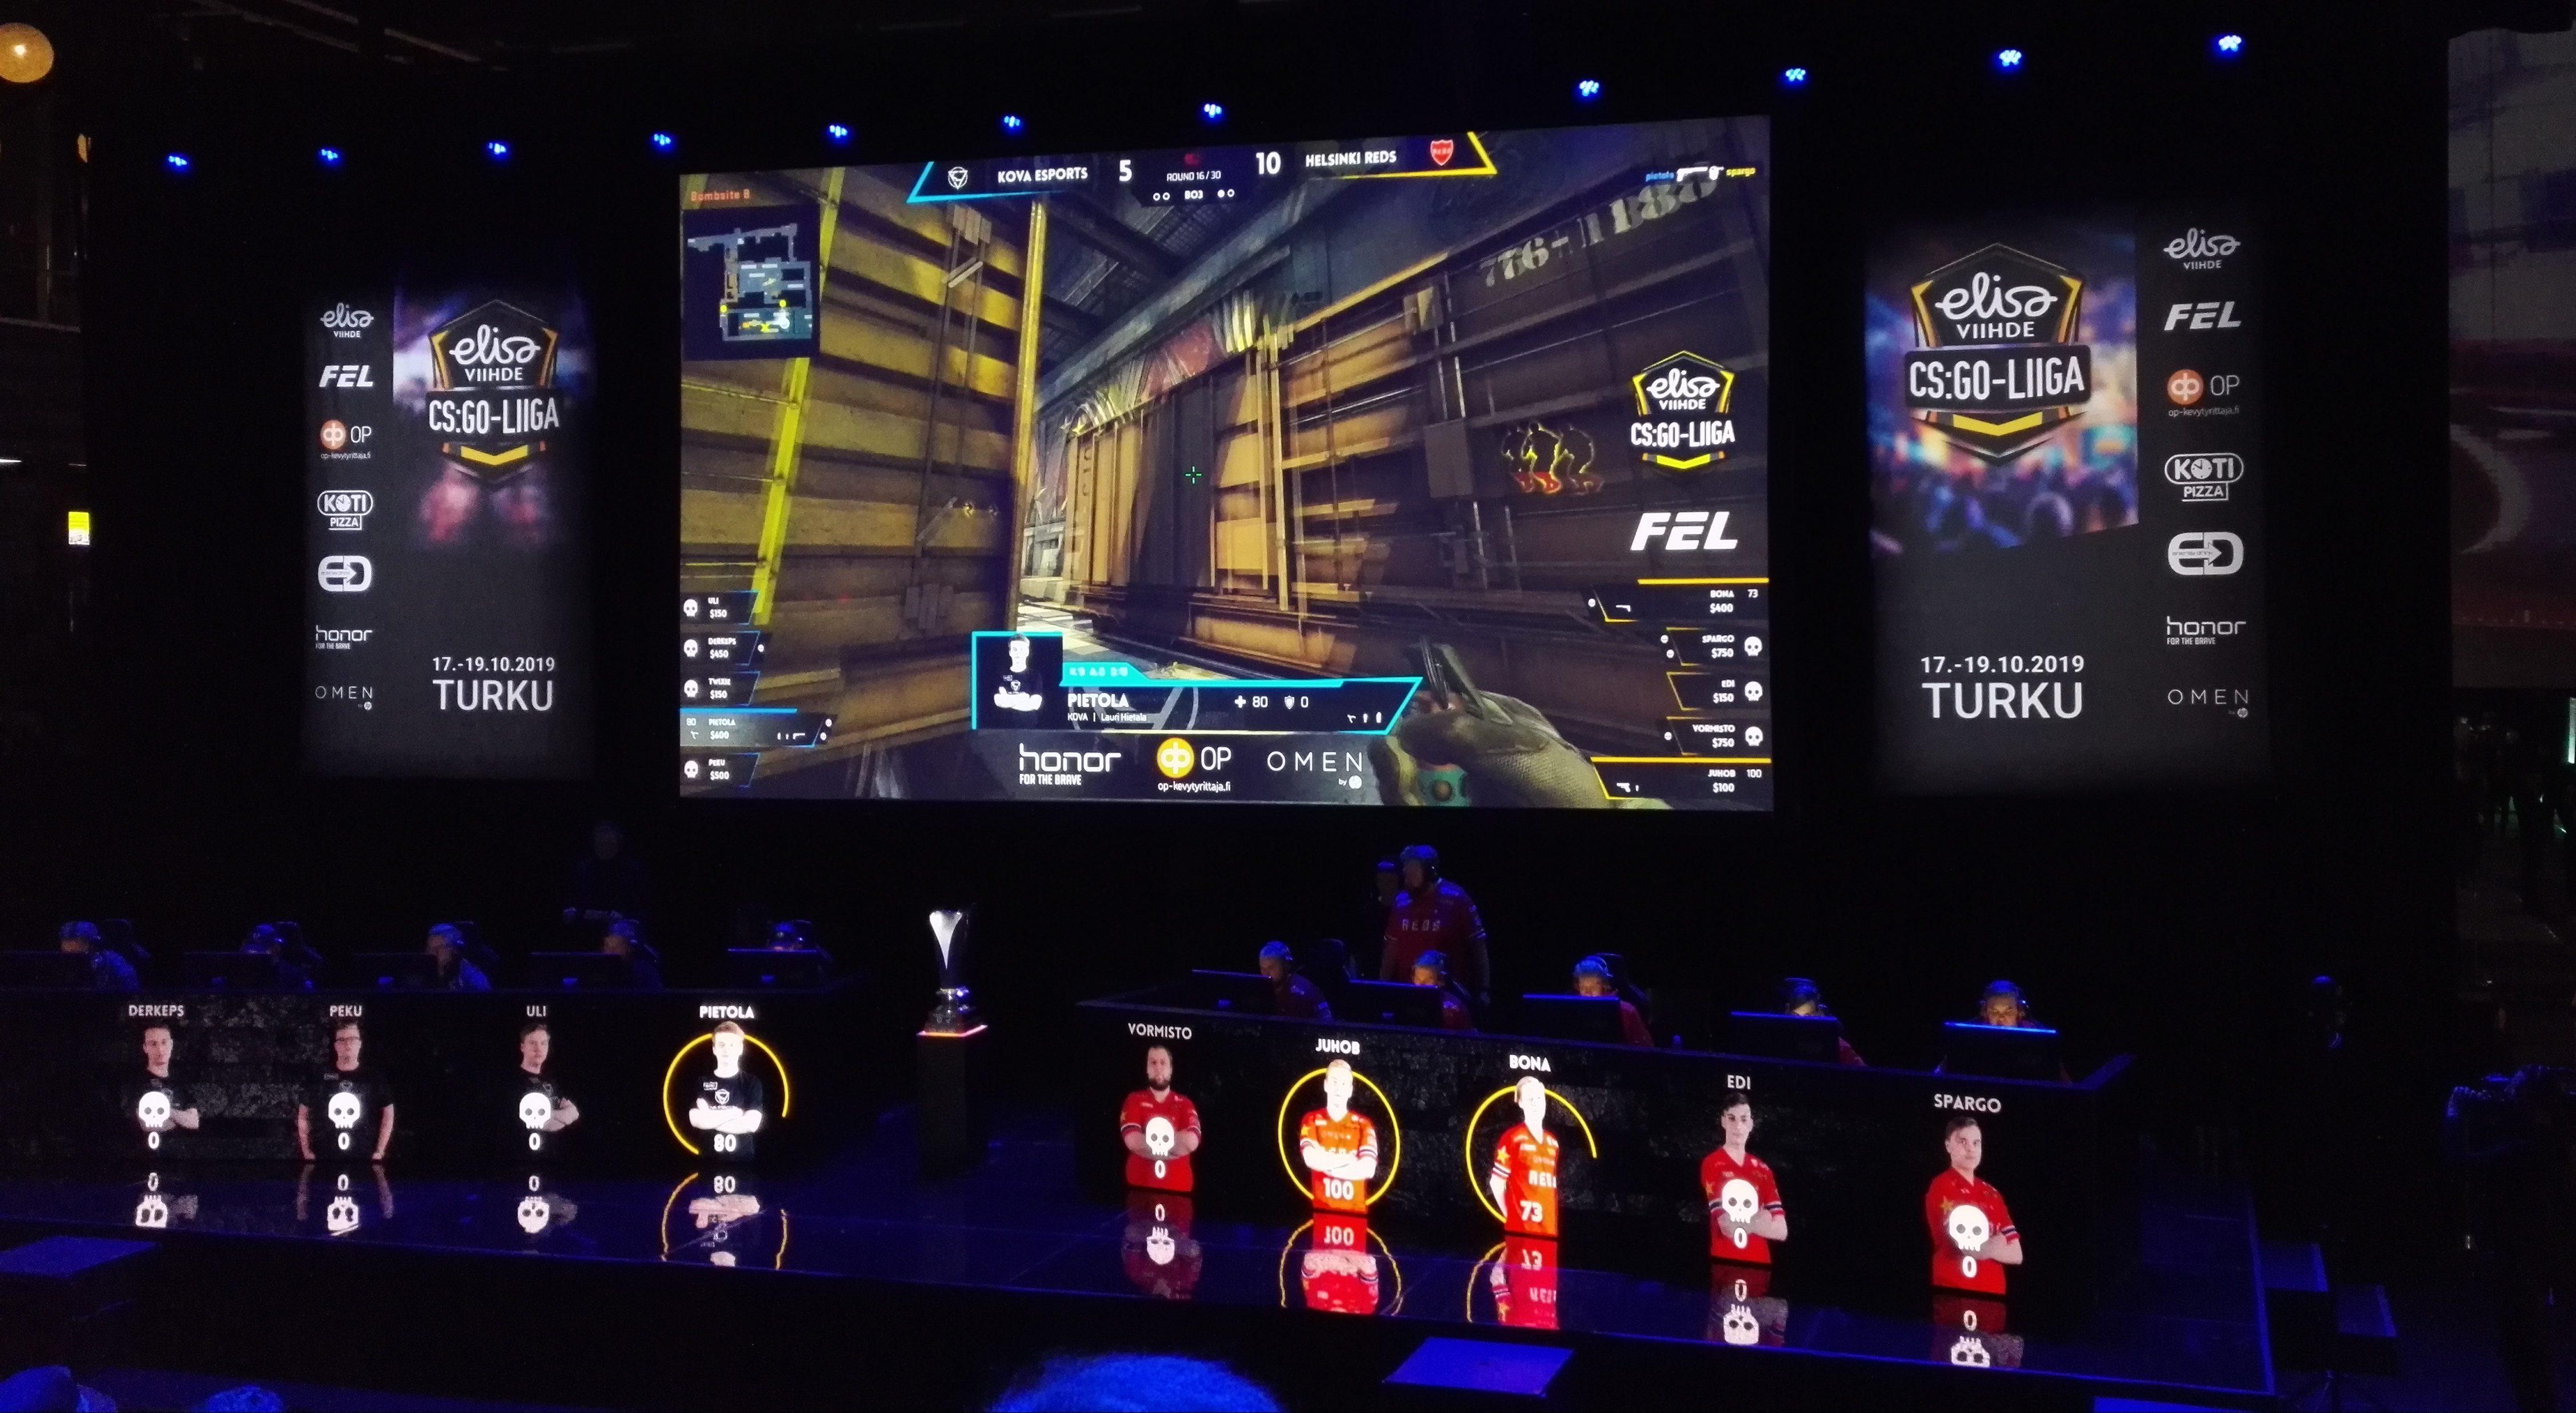 SJ Gaming ja Helsinki REDS kohtaavat illan Elisa Viihde CS:GO-liigan finaalissa